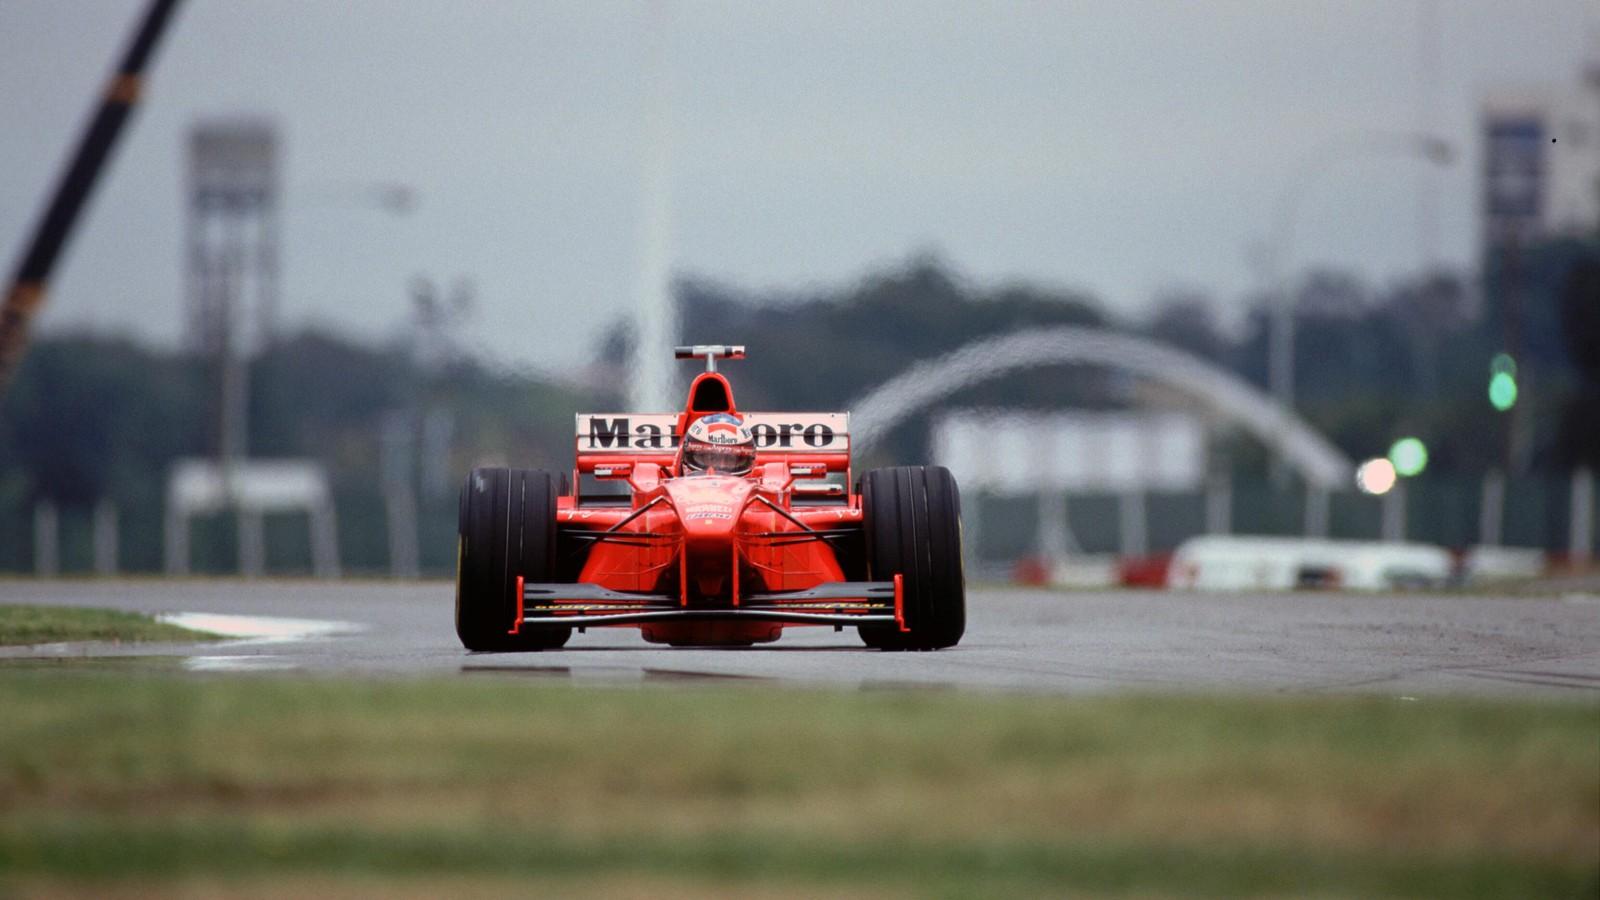 http://formula1.ferrari.com/